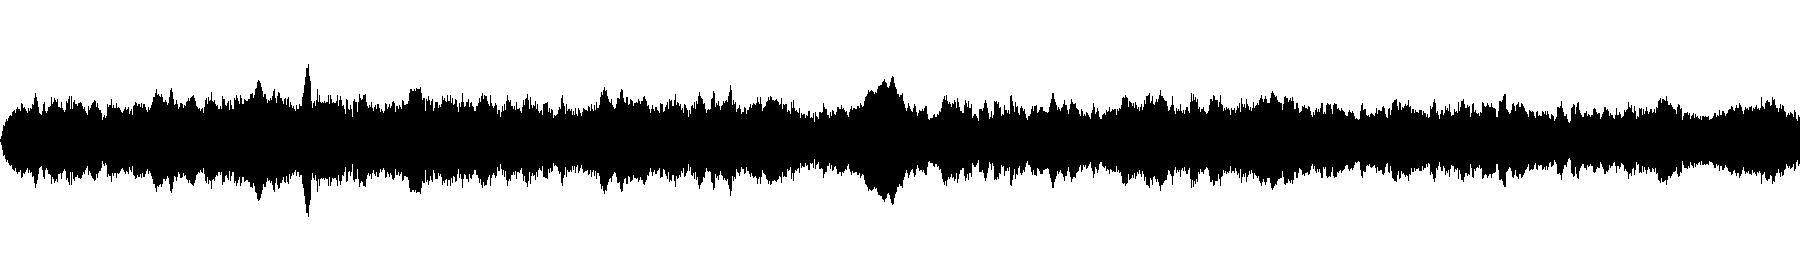 melody 14bpm125keya